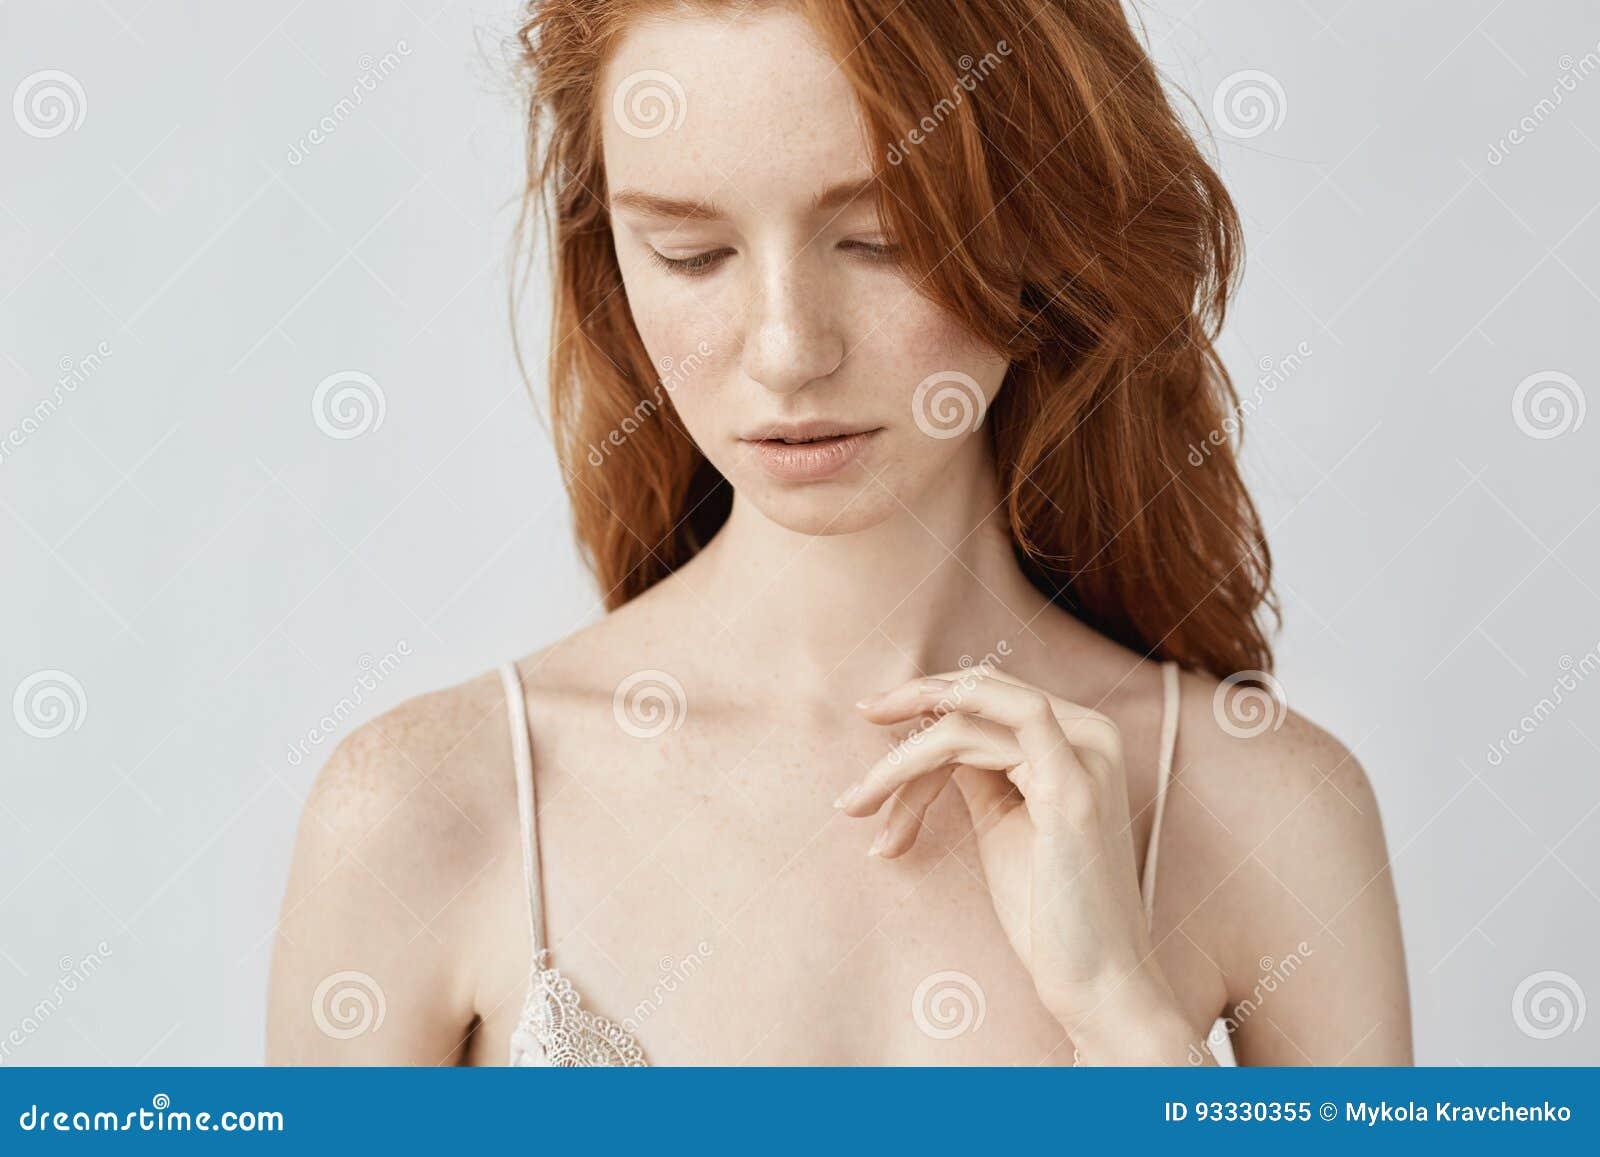 Free natural redhead pics